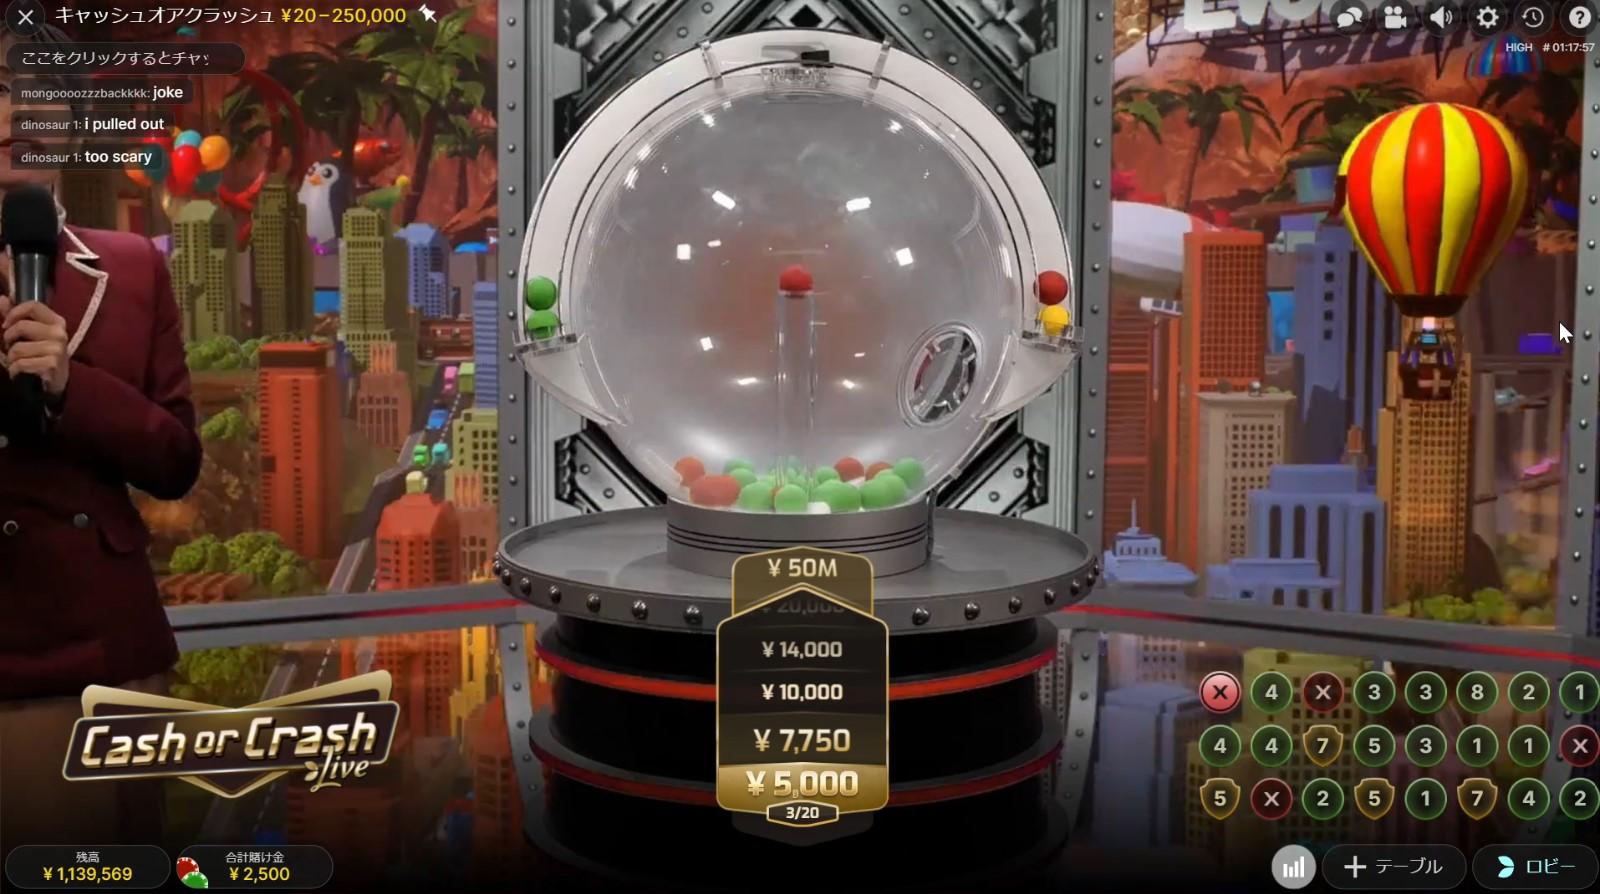 cash or crash ゲームの流れ11